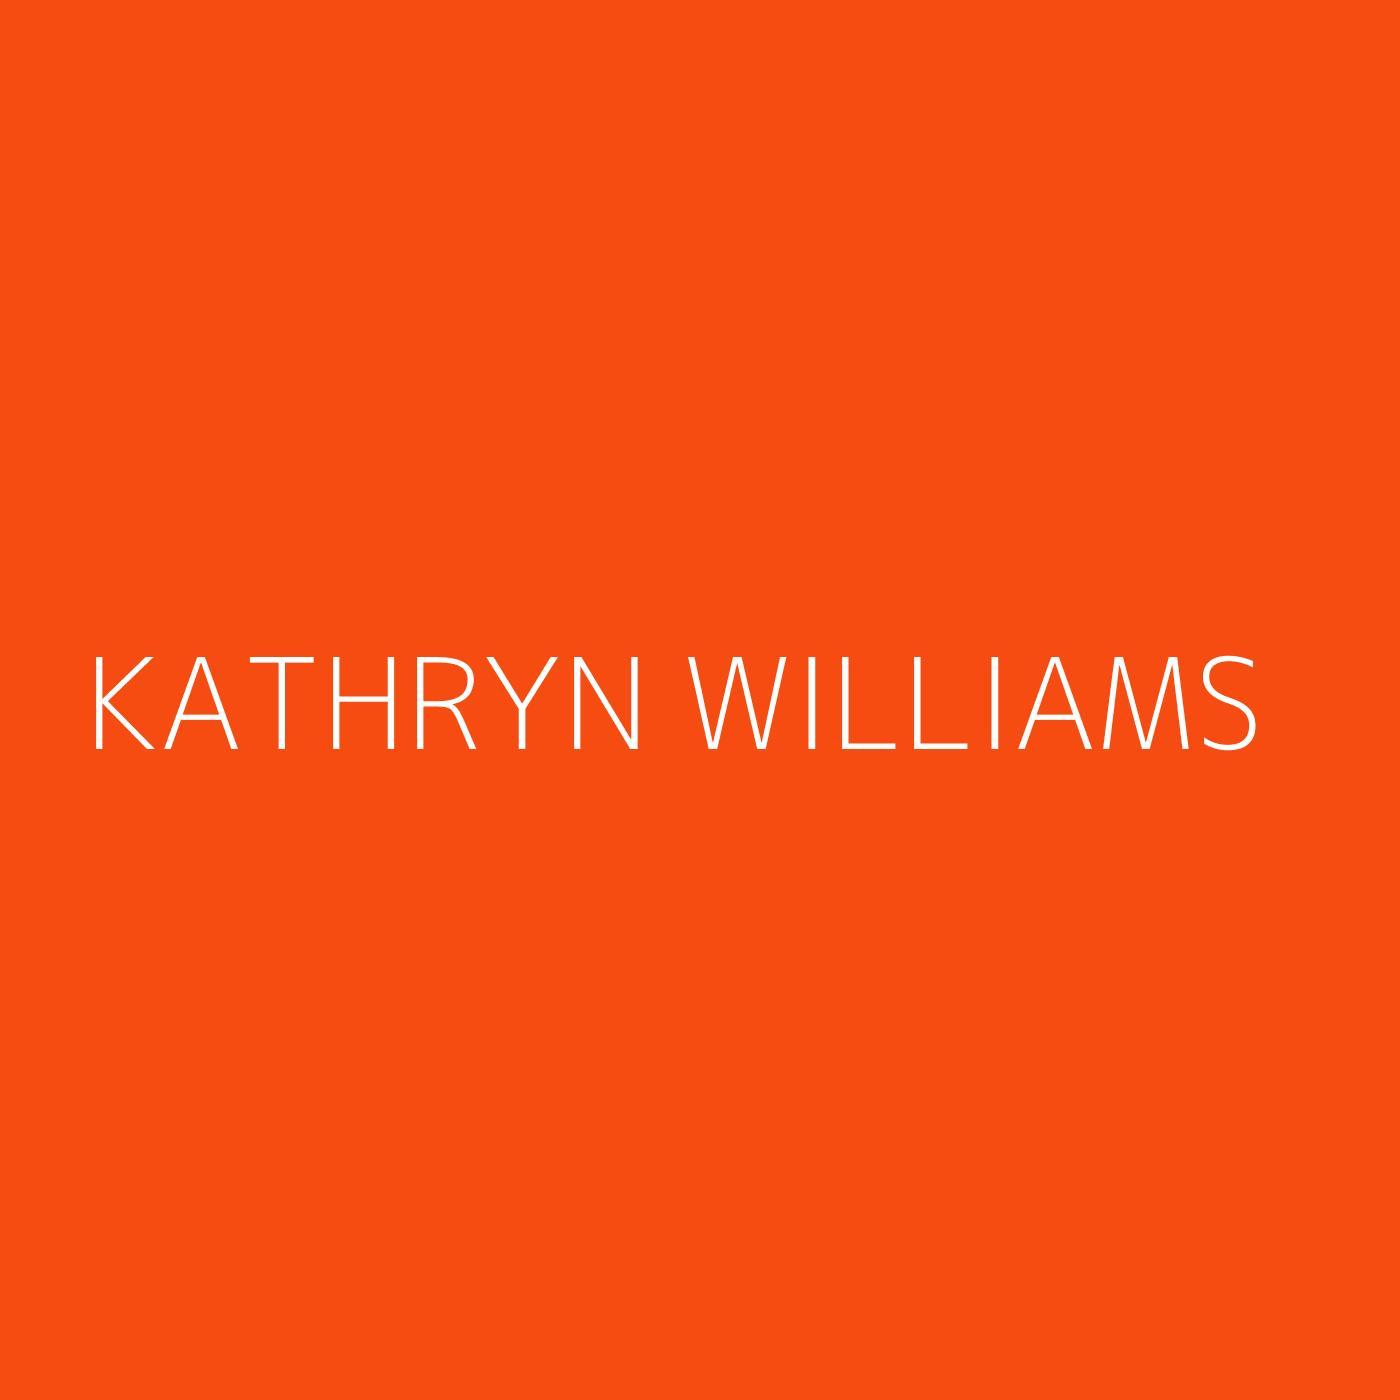 Kathryn Williams Playlist Artwork